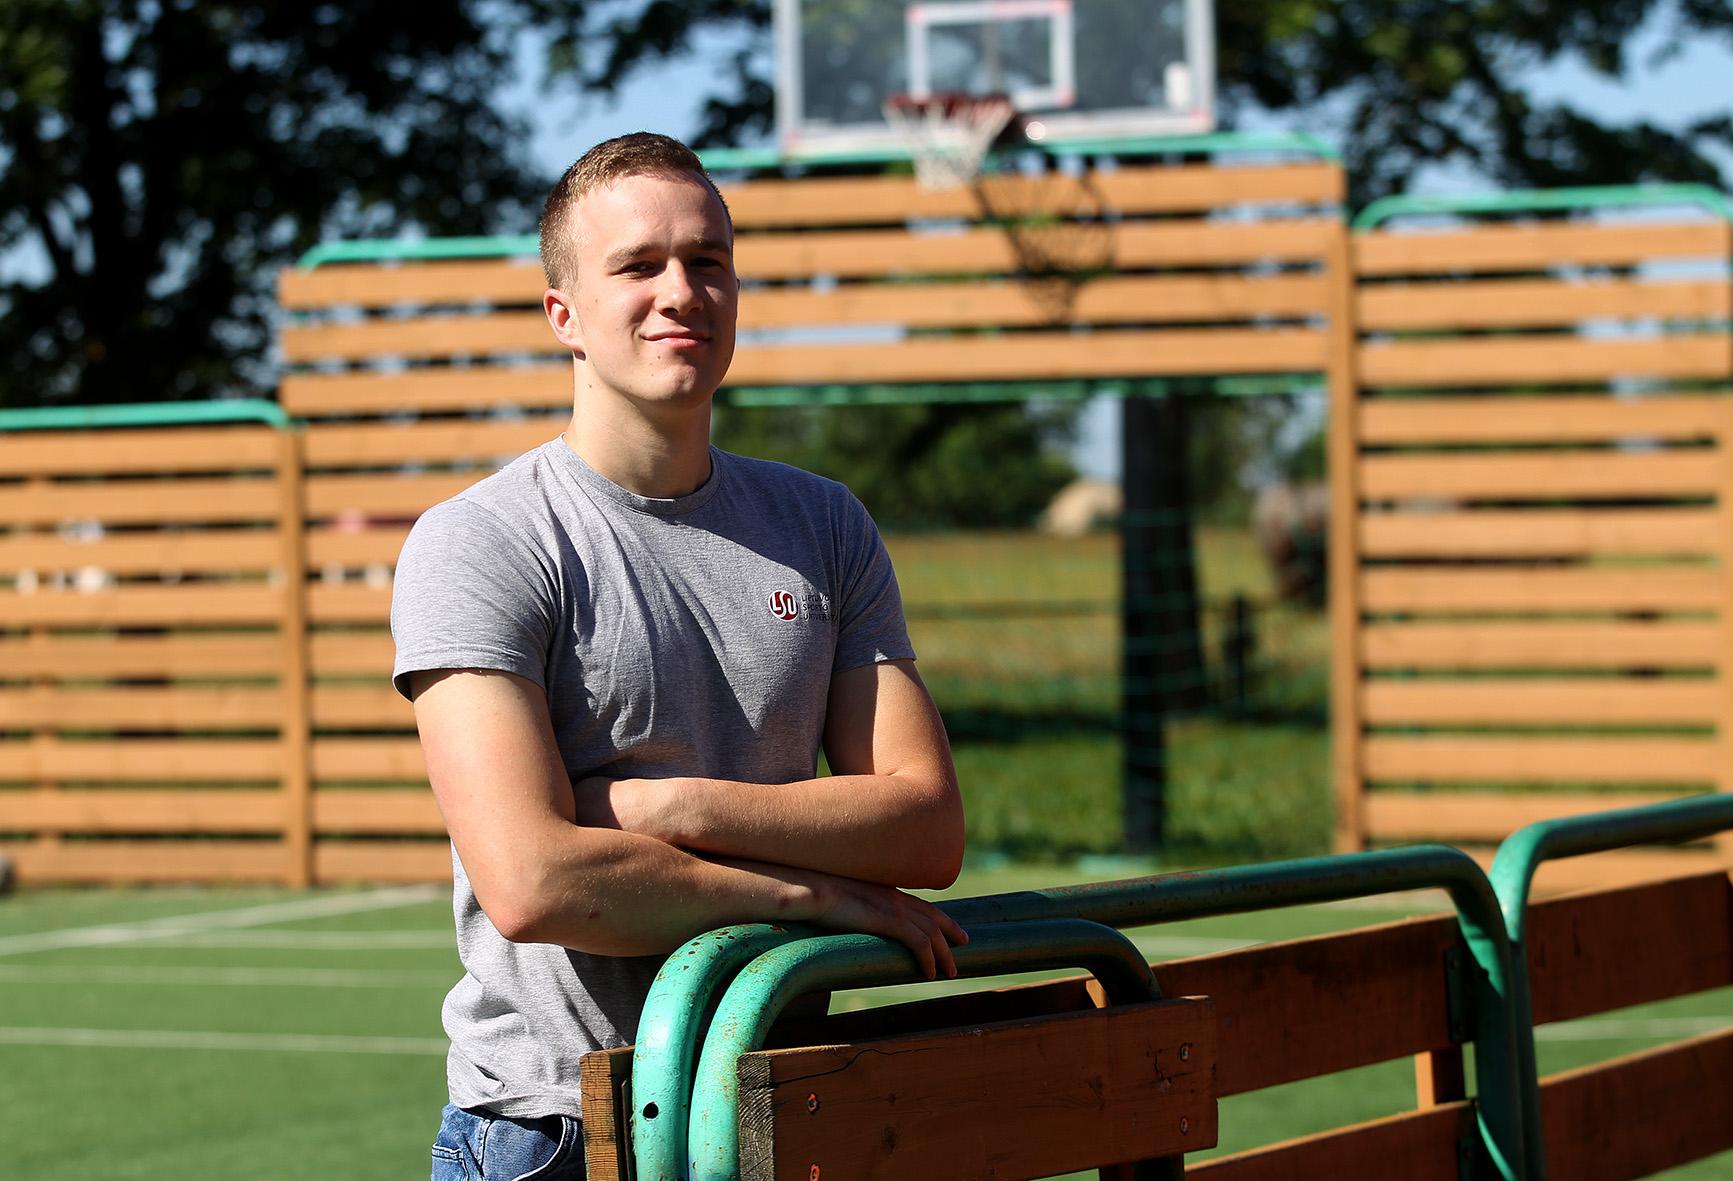 Vikaičiuose gimęs ir augęs Arnas Zakarevičius grįžęs į gimtąjį kaimą beveik visą savo laisvą laiką praleidžia netoli bendruomenės namų įrengtame manieže.